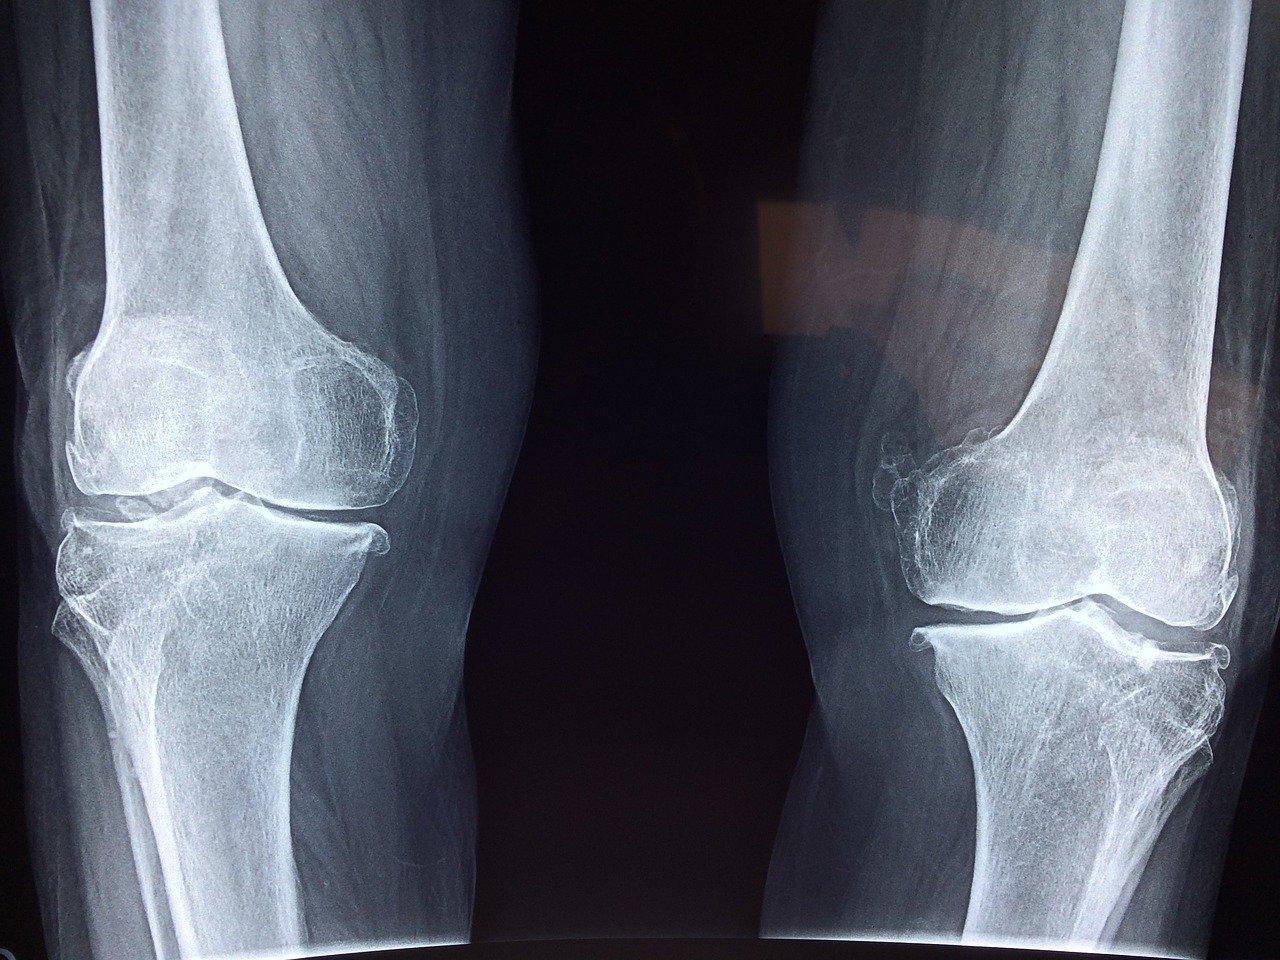 膝が痛い人のレントゲン